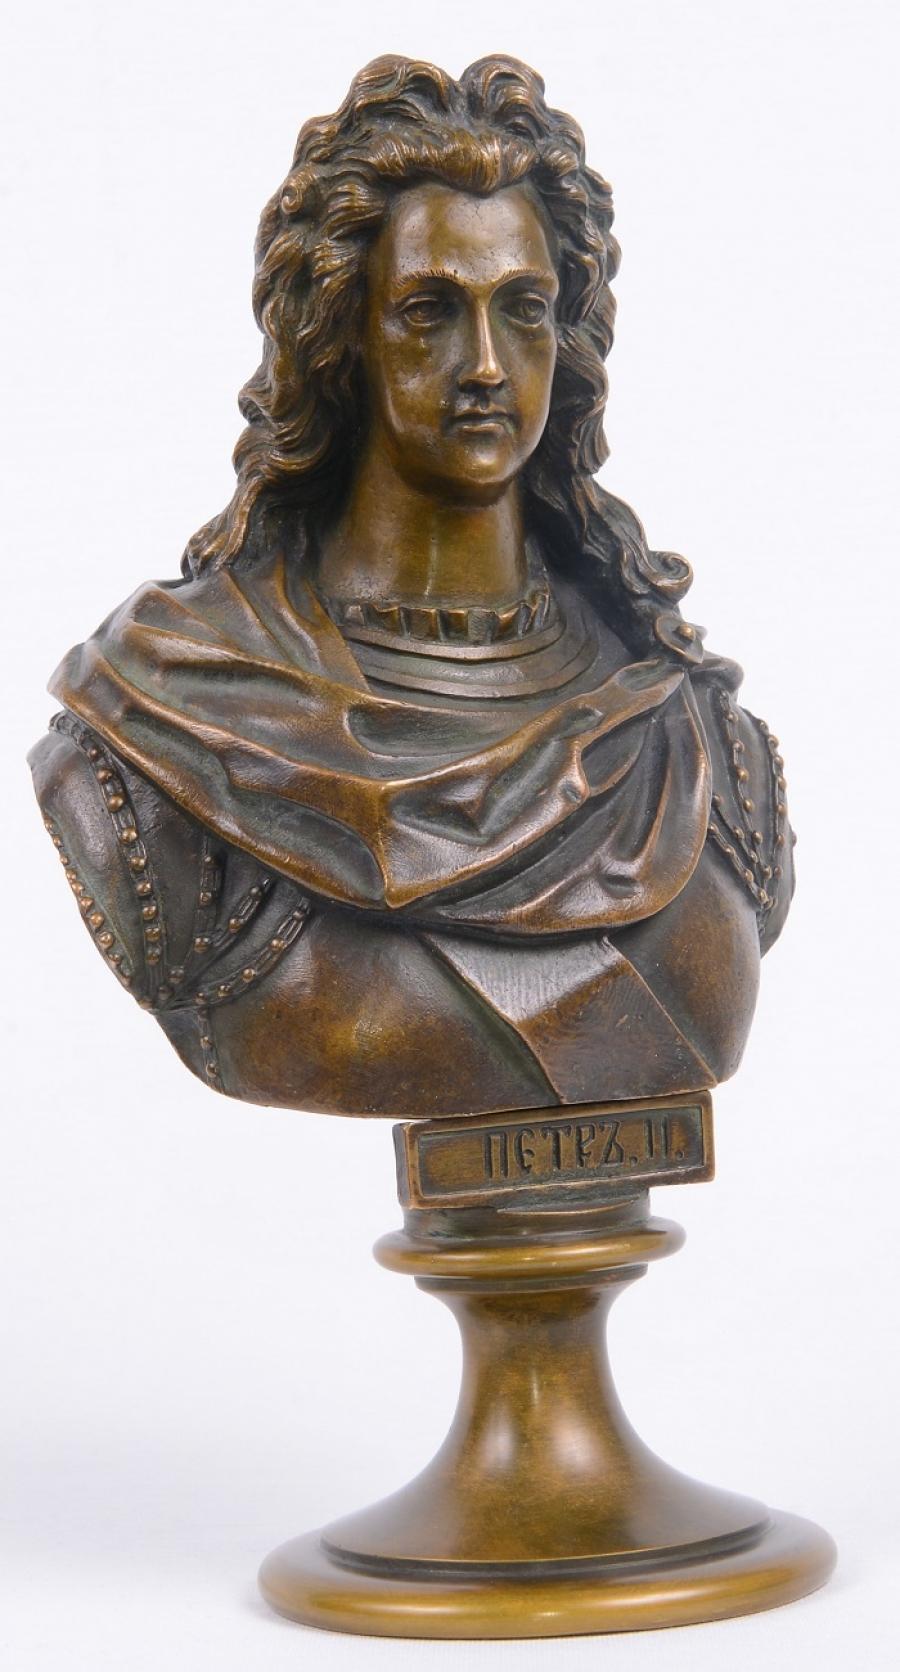 Chopins-bust-gallery - Peter-II-tsar-Russian-bronze-statue-CHopin-Felix-foundry